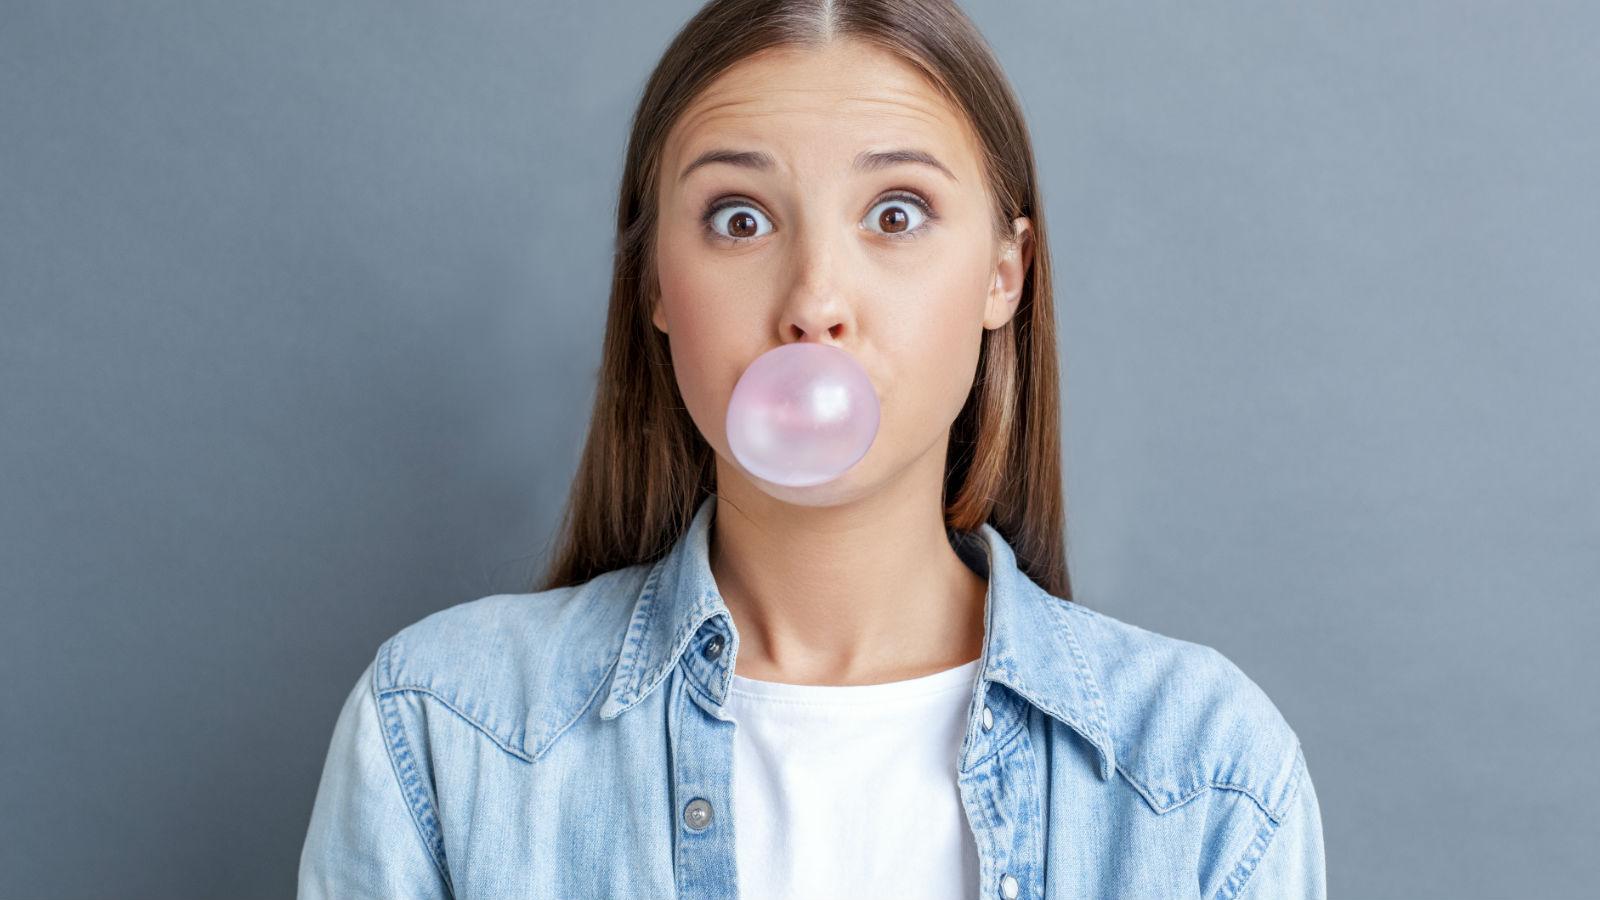 El chicle: sus beneficios para la salud dental